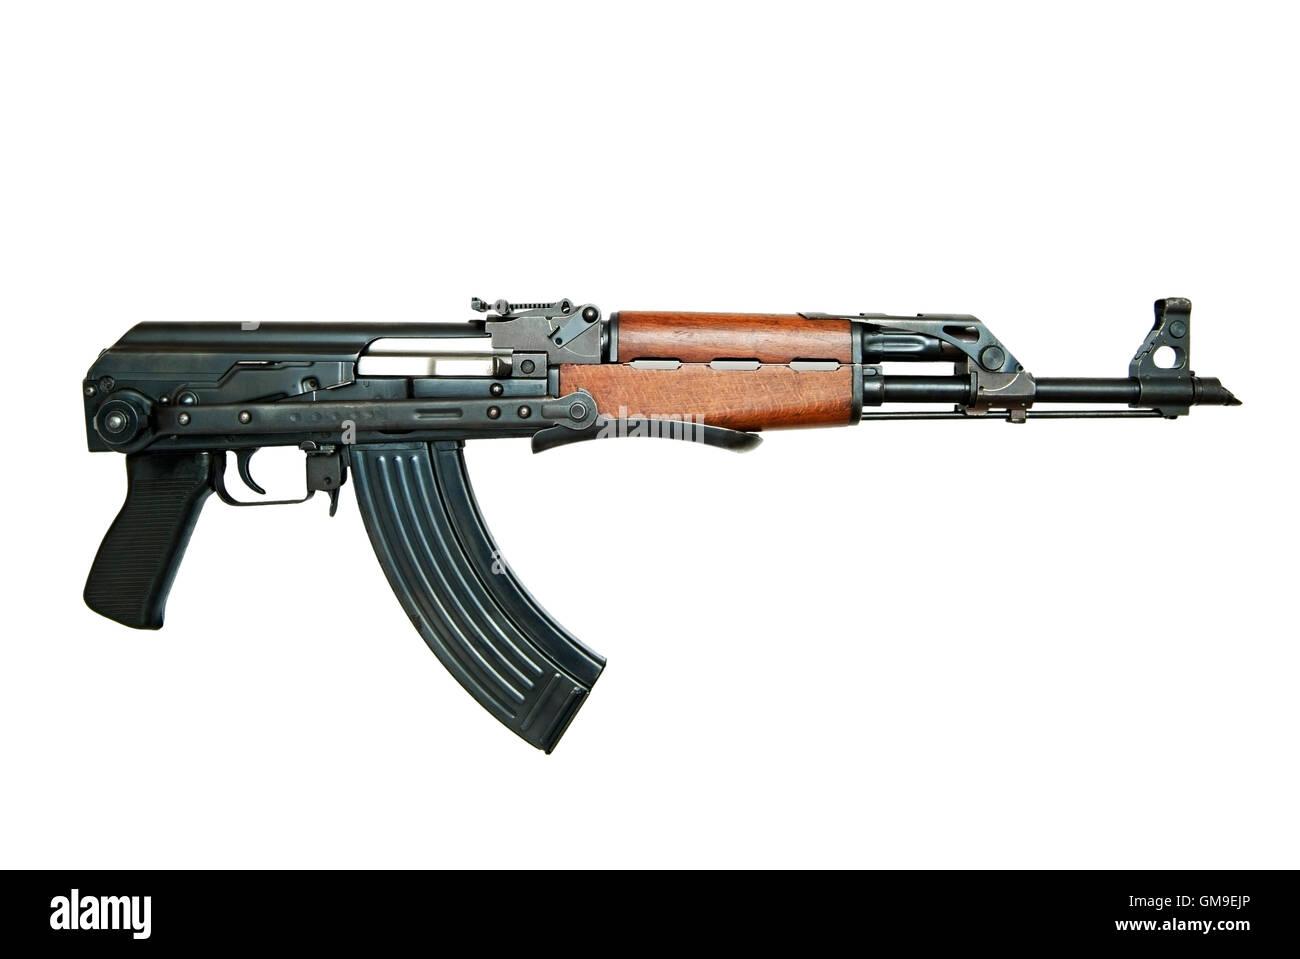 AK47 AKMS Kalashnikov Assault Rifle, Cut Out.